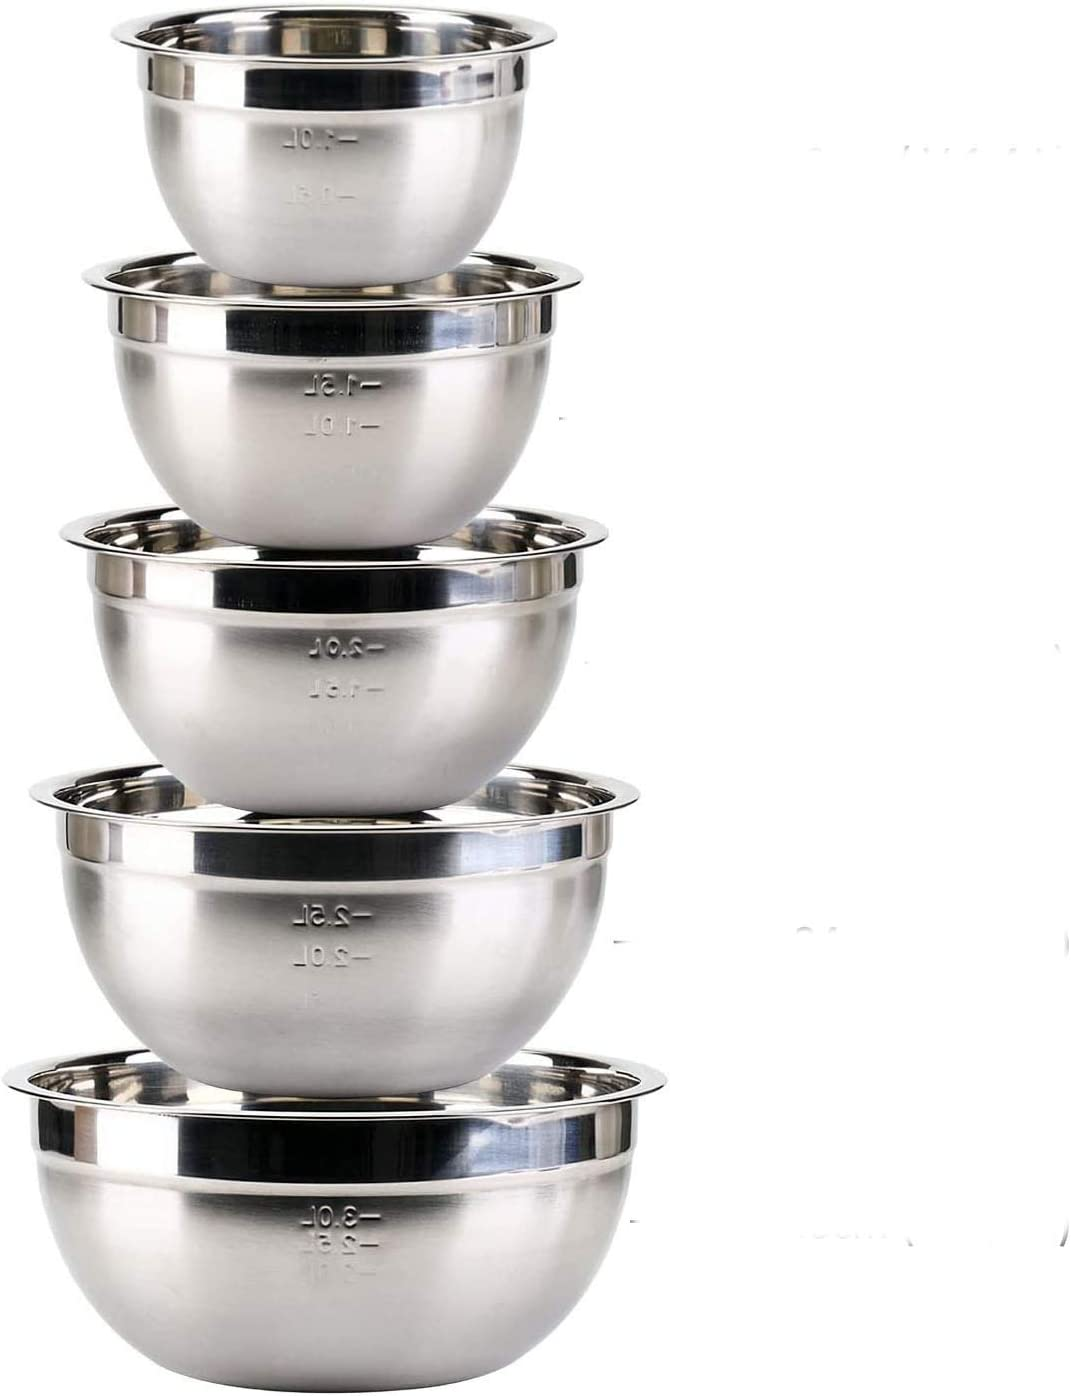 KATELUO Juego de 5 Cuencos de Cocina de Acero Inoxidable, Bol de Acero Inoxidable,Escala de (1.4L,1.9L,2.4L,3.3L,4.5L) uede ser Utilizado como tazones detazones de Fuente de la Fruta